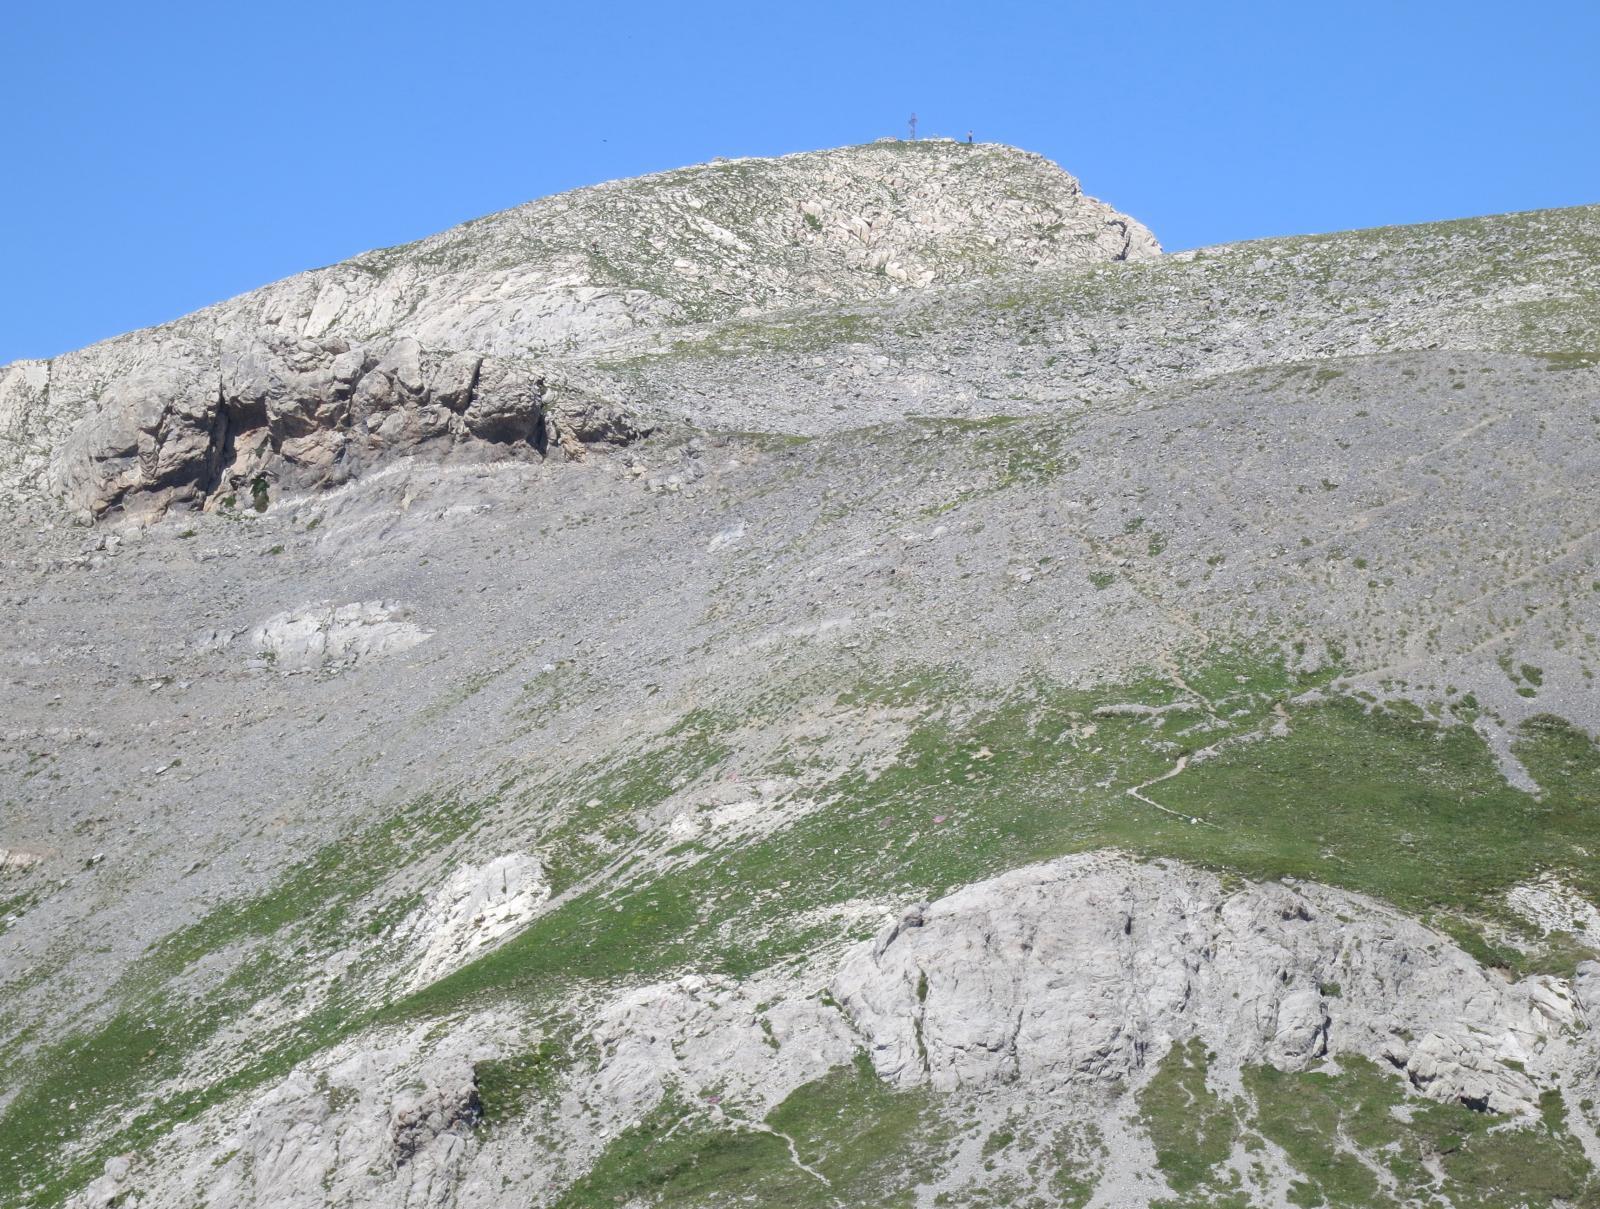 sentiero sull'ampia dorsale per la punta Marguareis